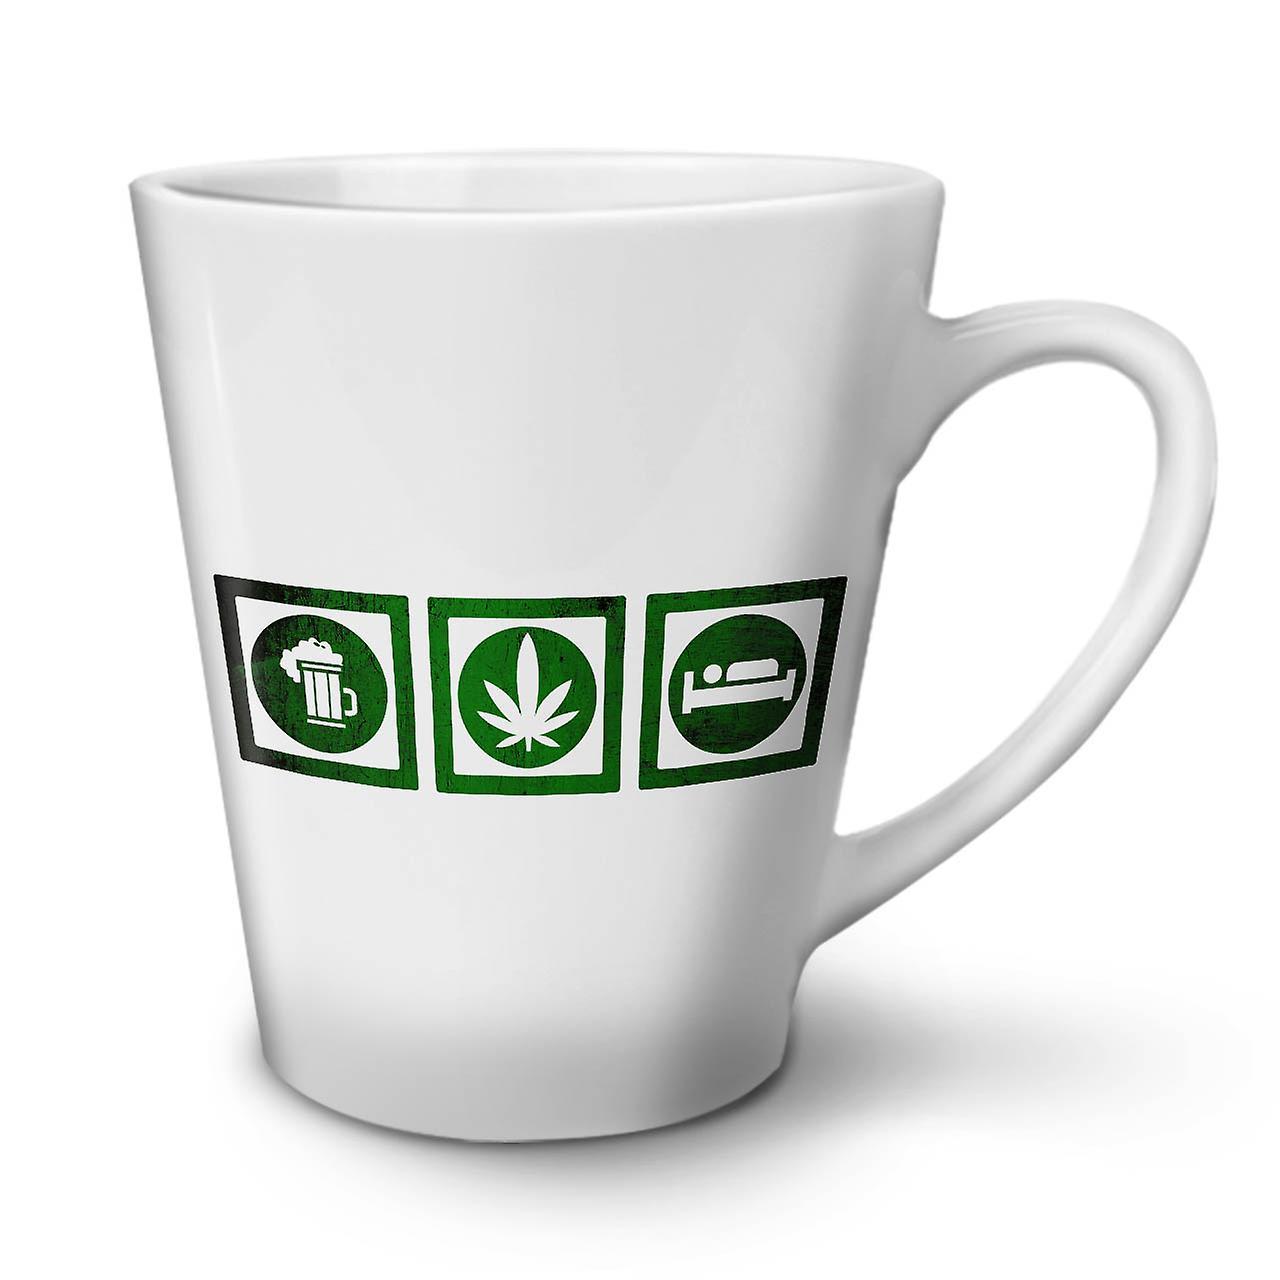 Thé Blanc Latte Nouvelle En De Drôle Tasse Céramique Bière OzWellcoda 12 Weed Dormir Café Y7vf6gby